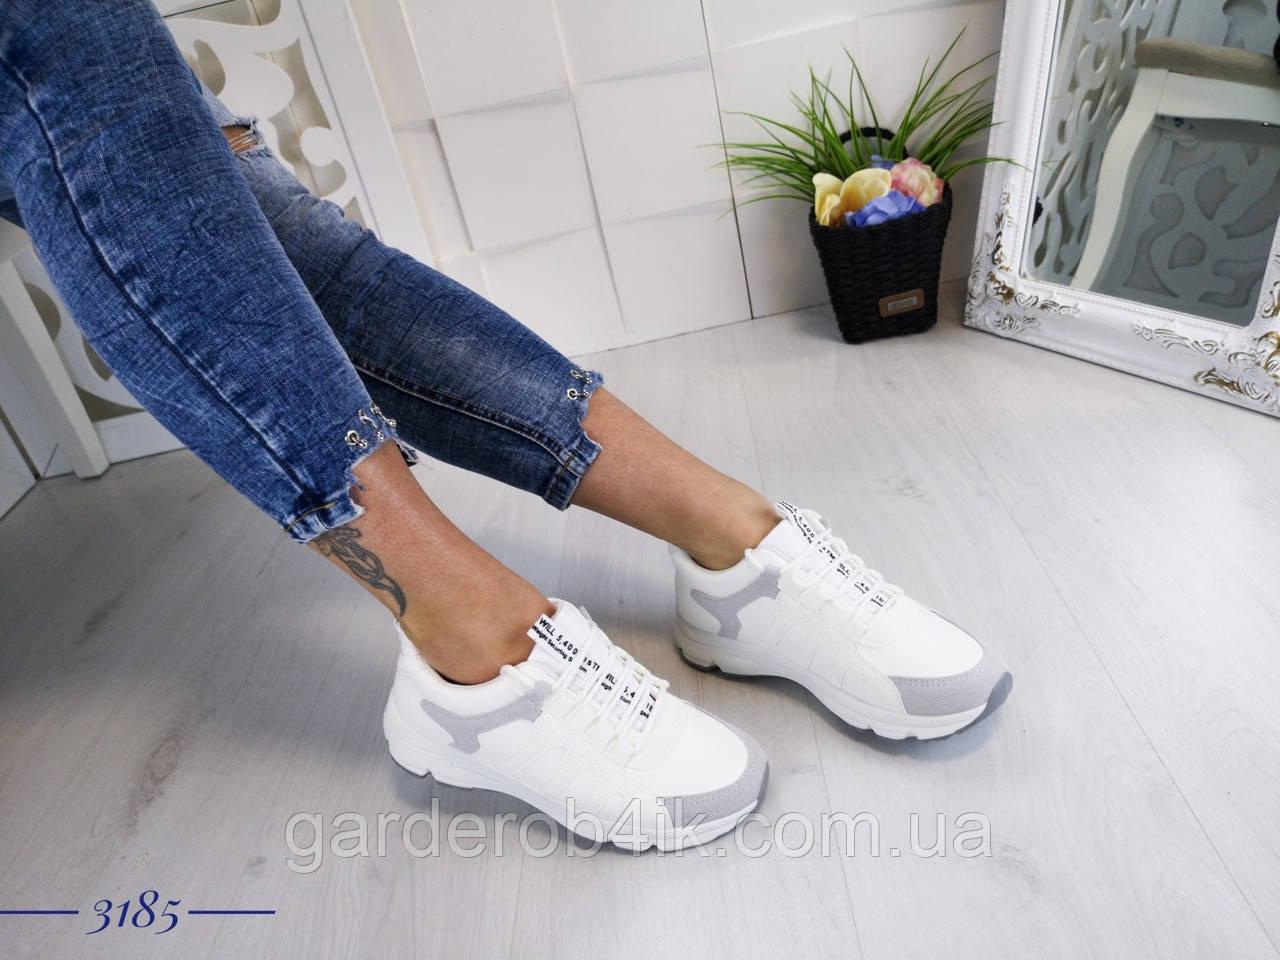 Жіночі білі кросівки